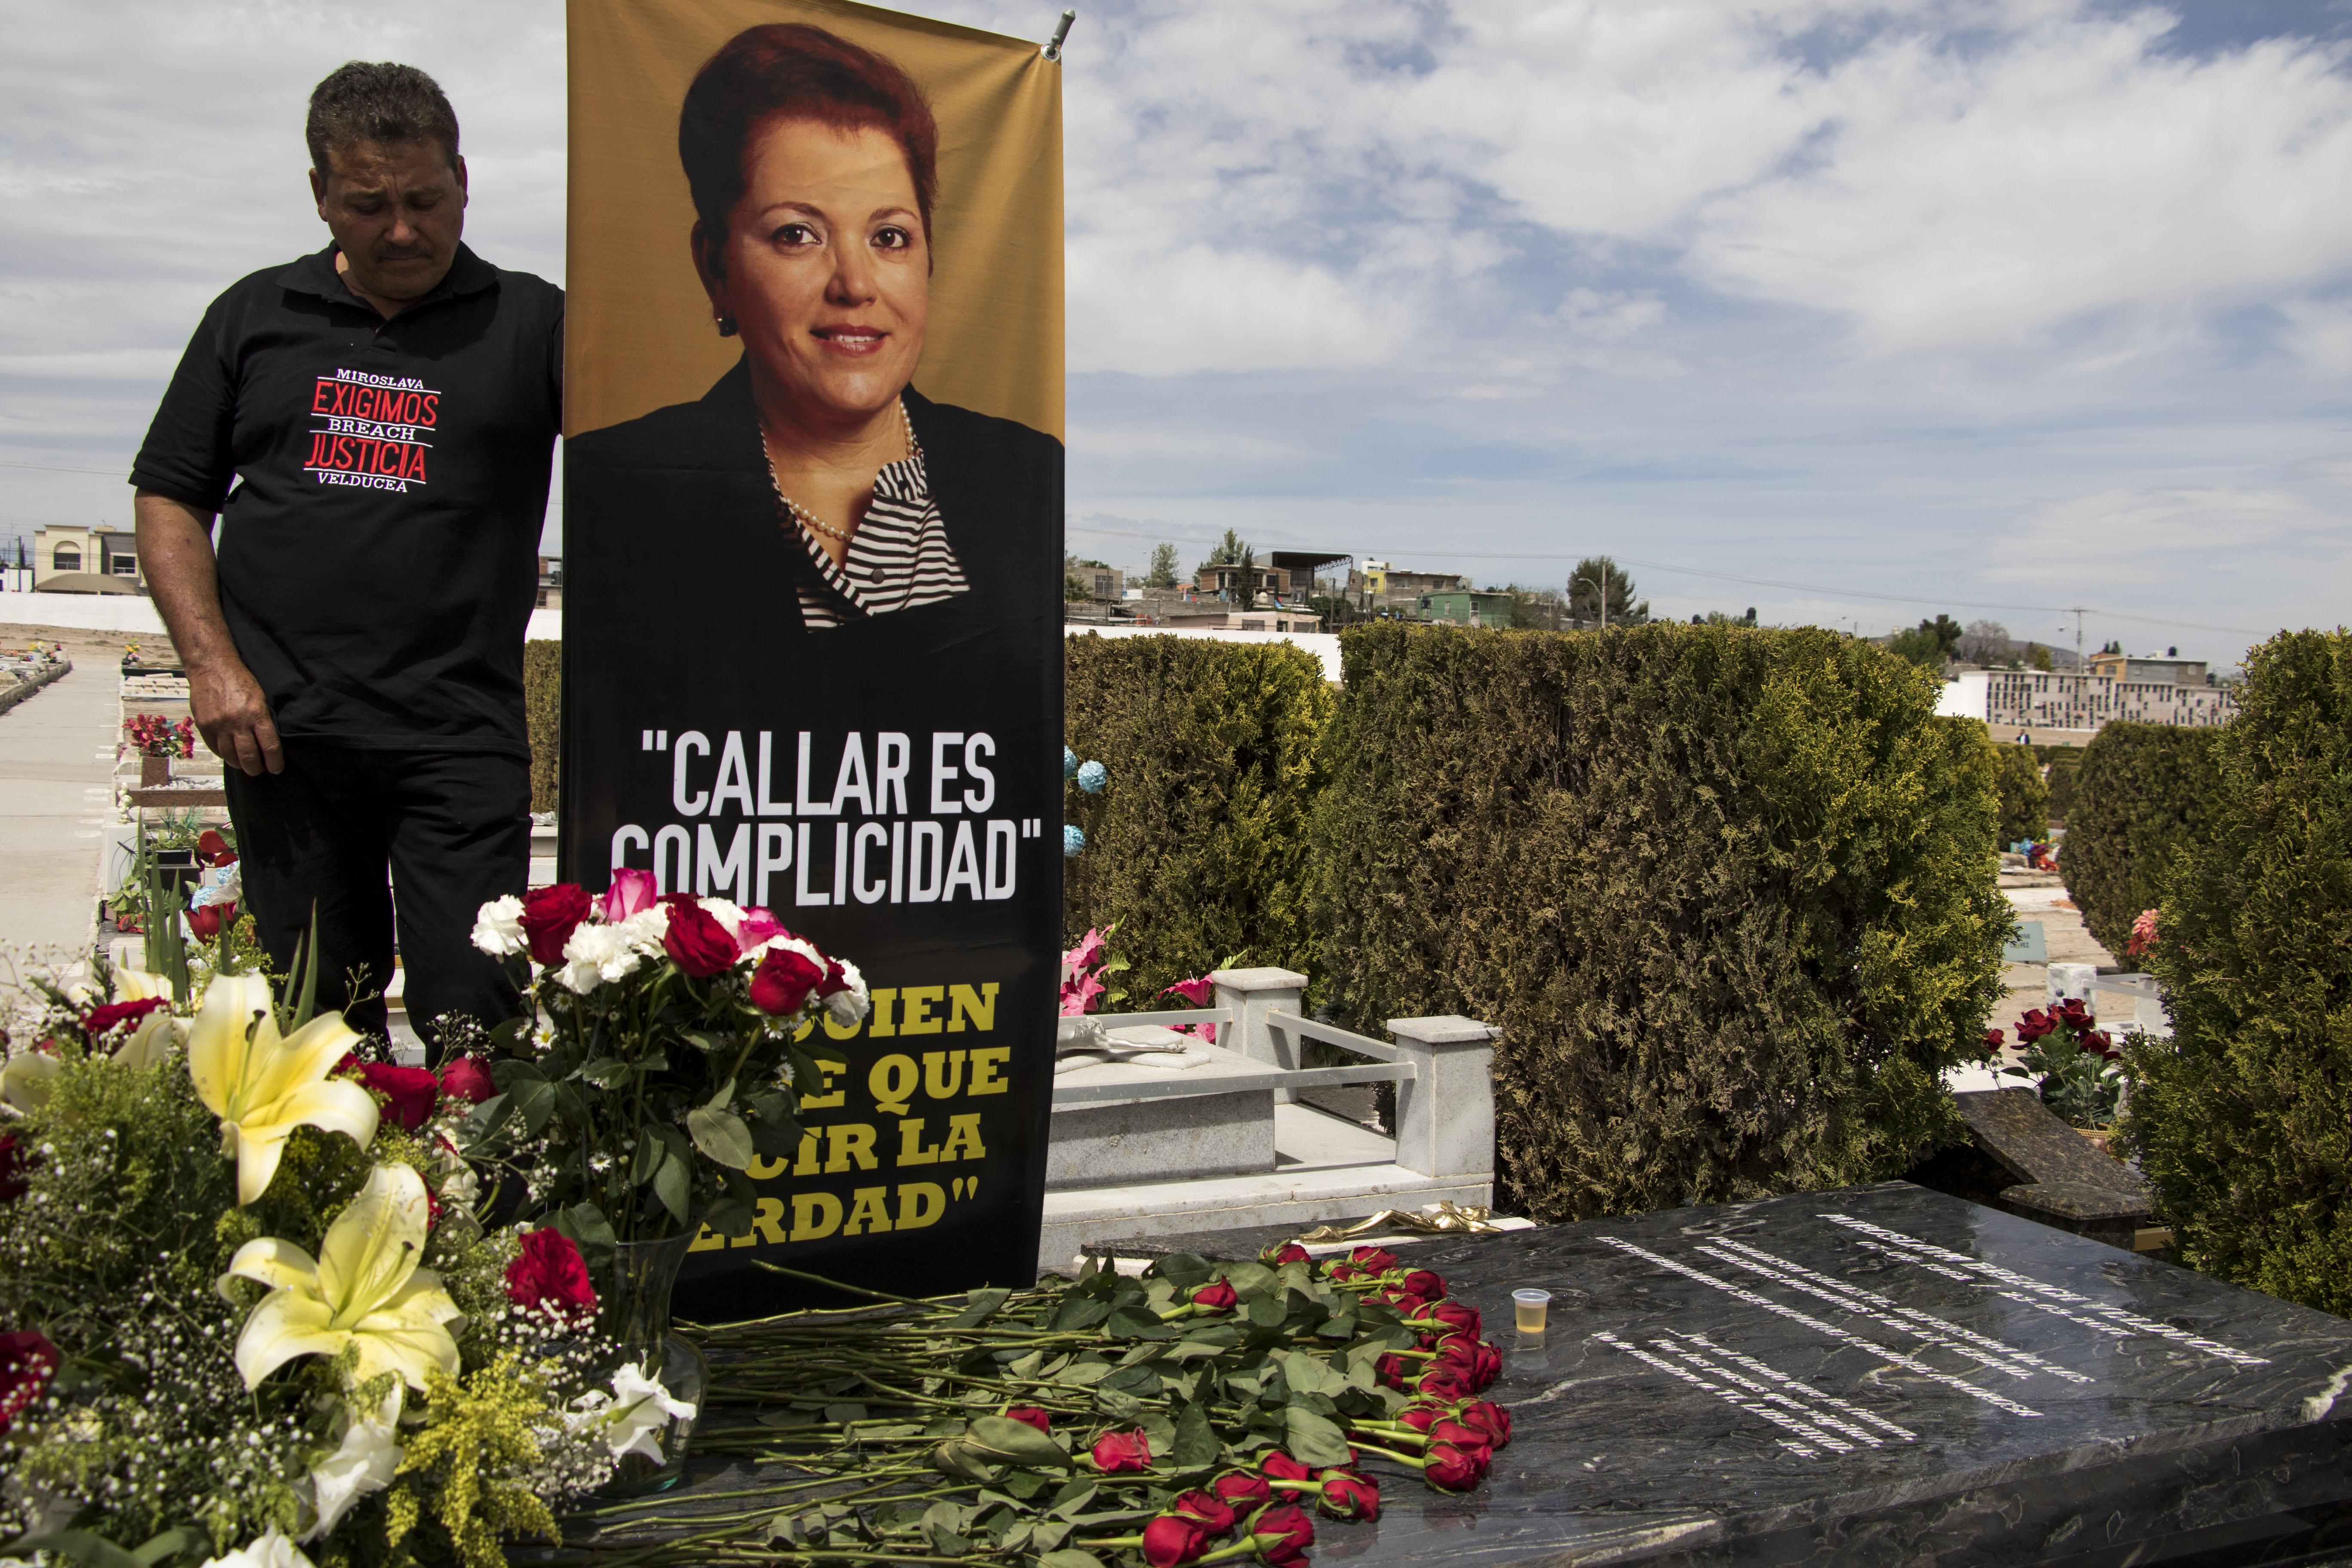 19. A más de dos años del crimen, la familia y colegas de Miroslava Breach mantienen la exigencia por el esclarecimiento su homicidio. De Colectivo 23 de marzo